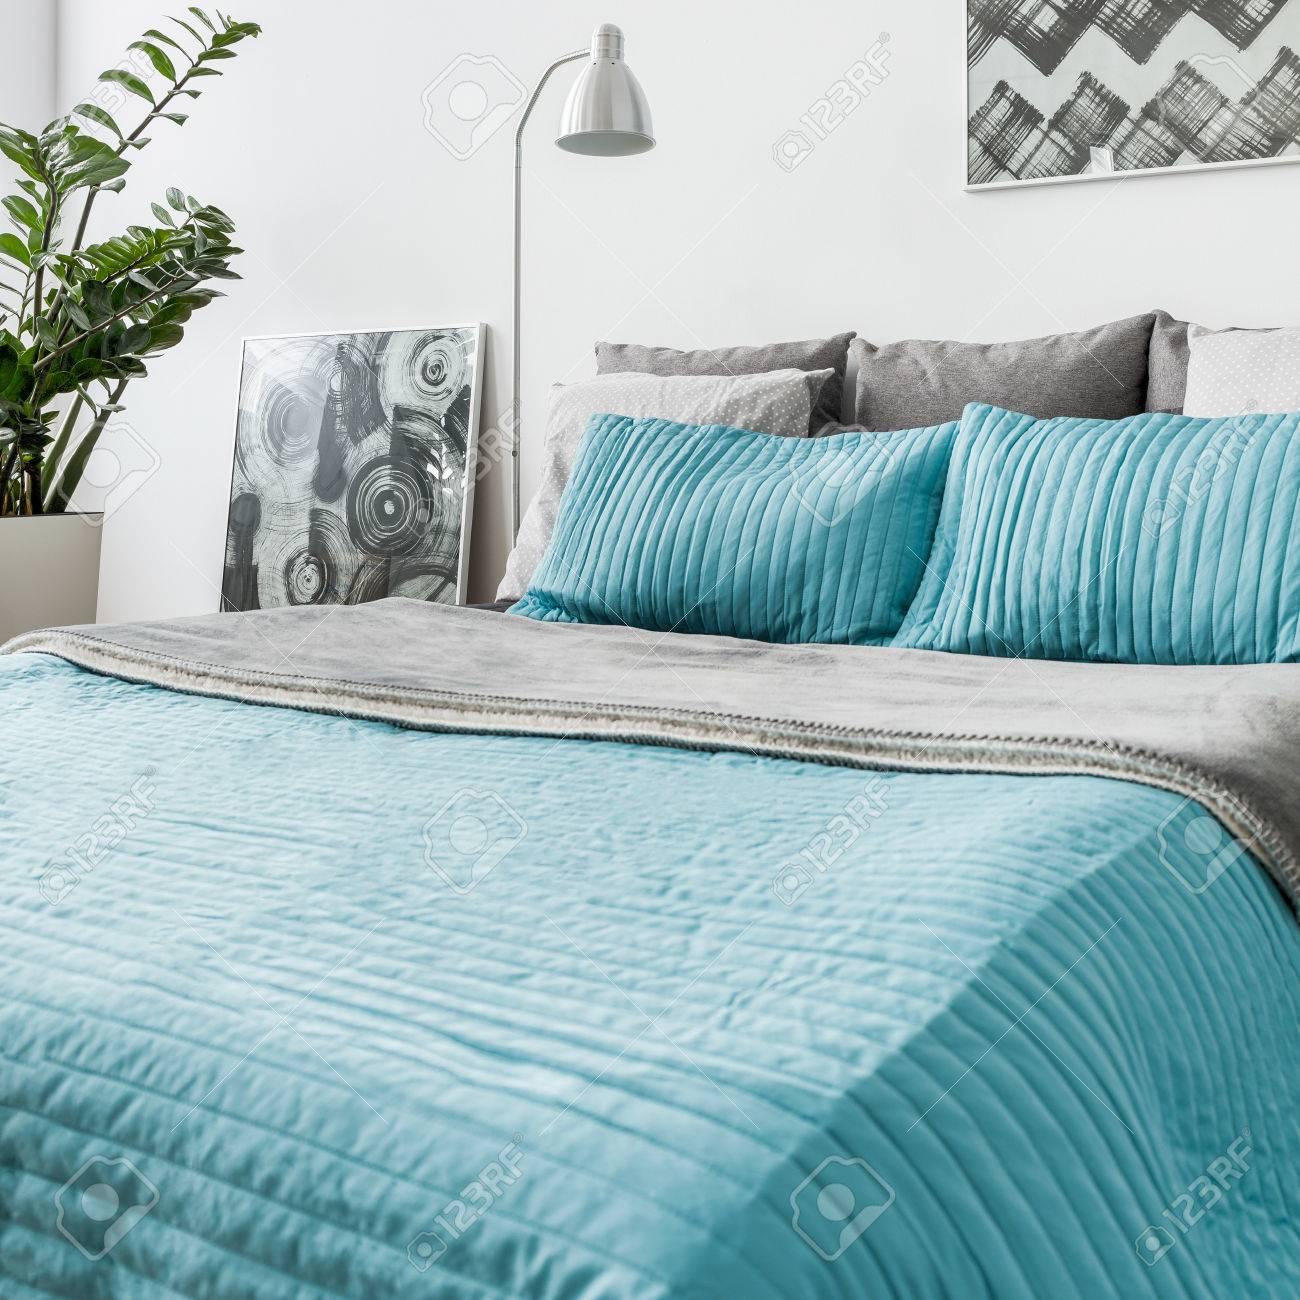 Foto Von Turkis Dekorative Bettwasche Im Neuen Schlafzimmer